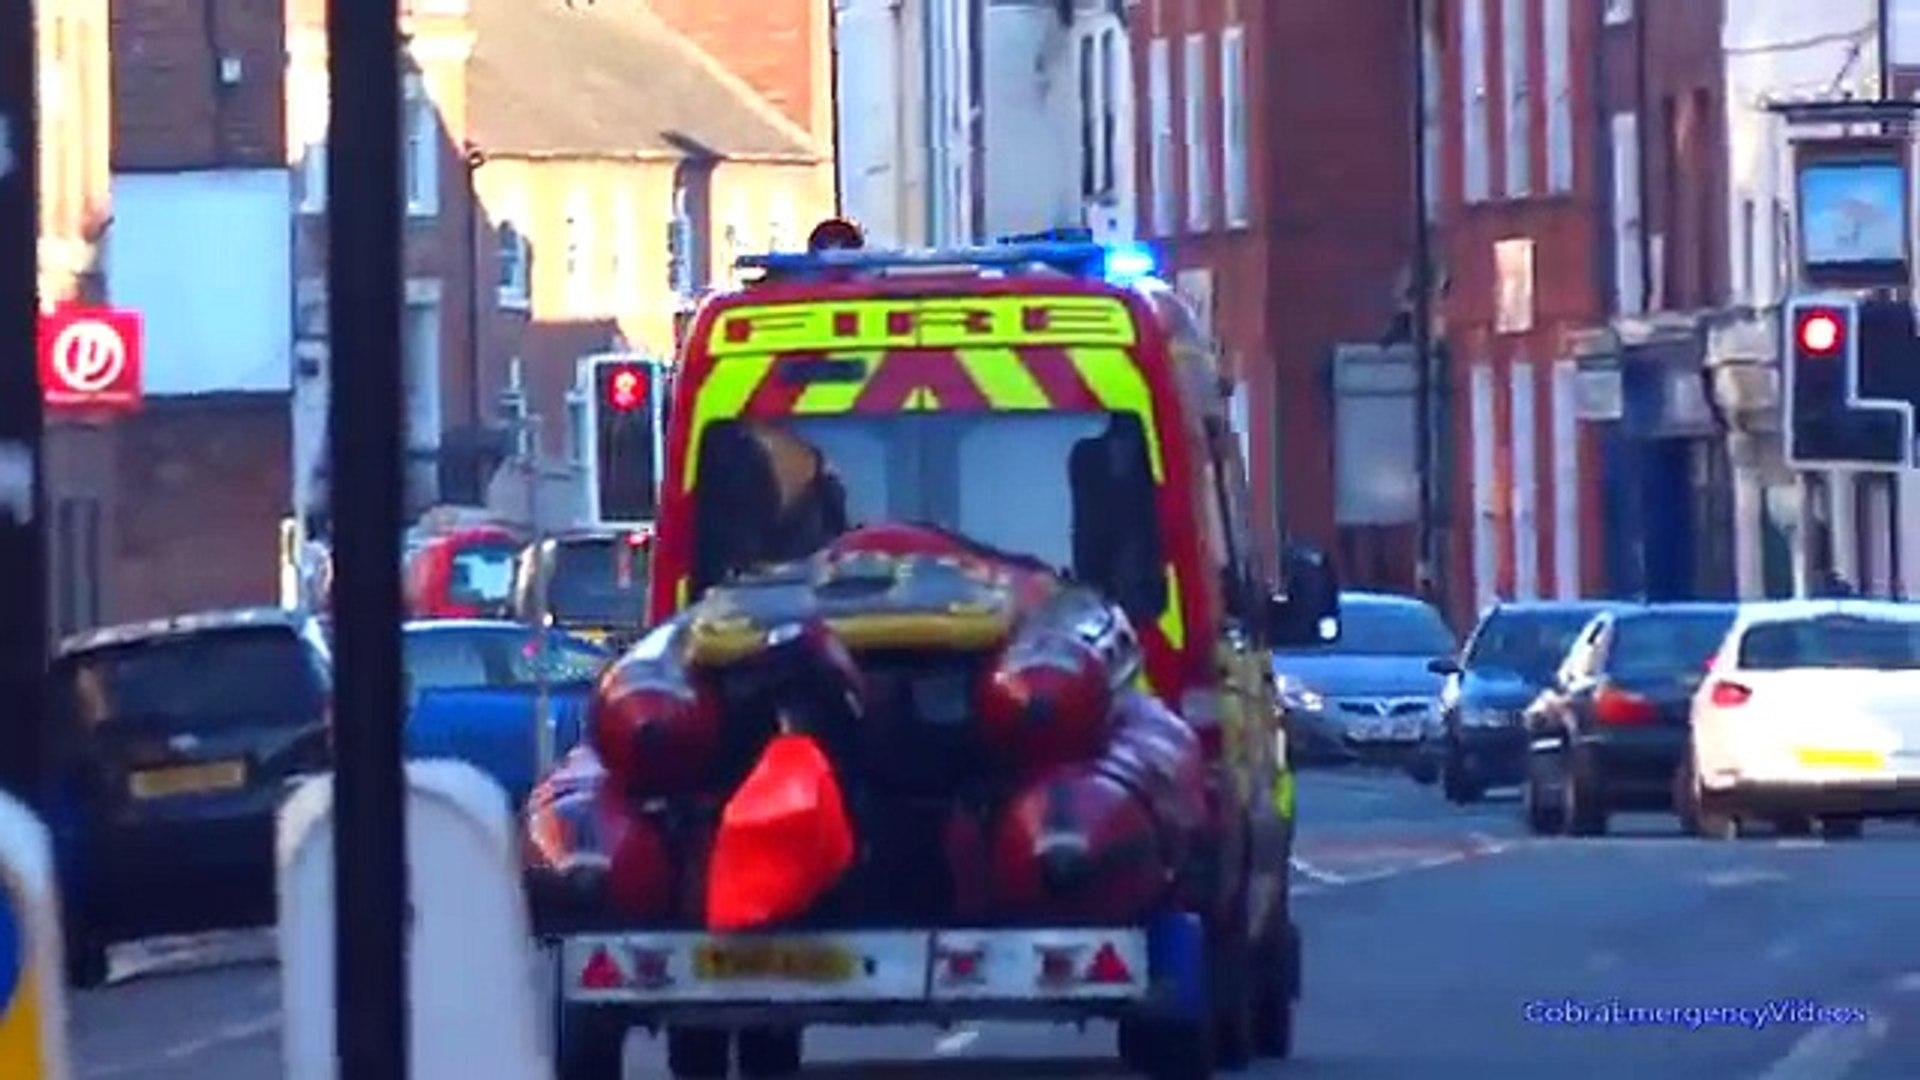 Fire Trucks Responding - BEST OF new -